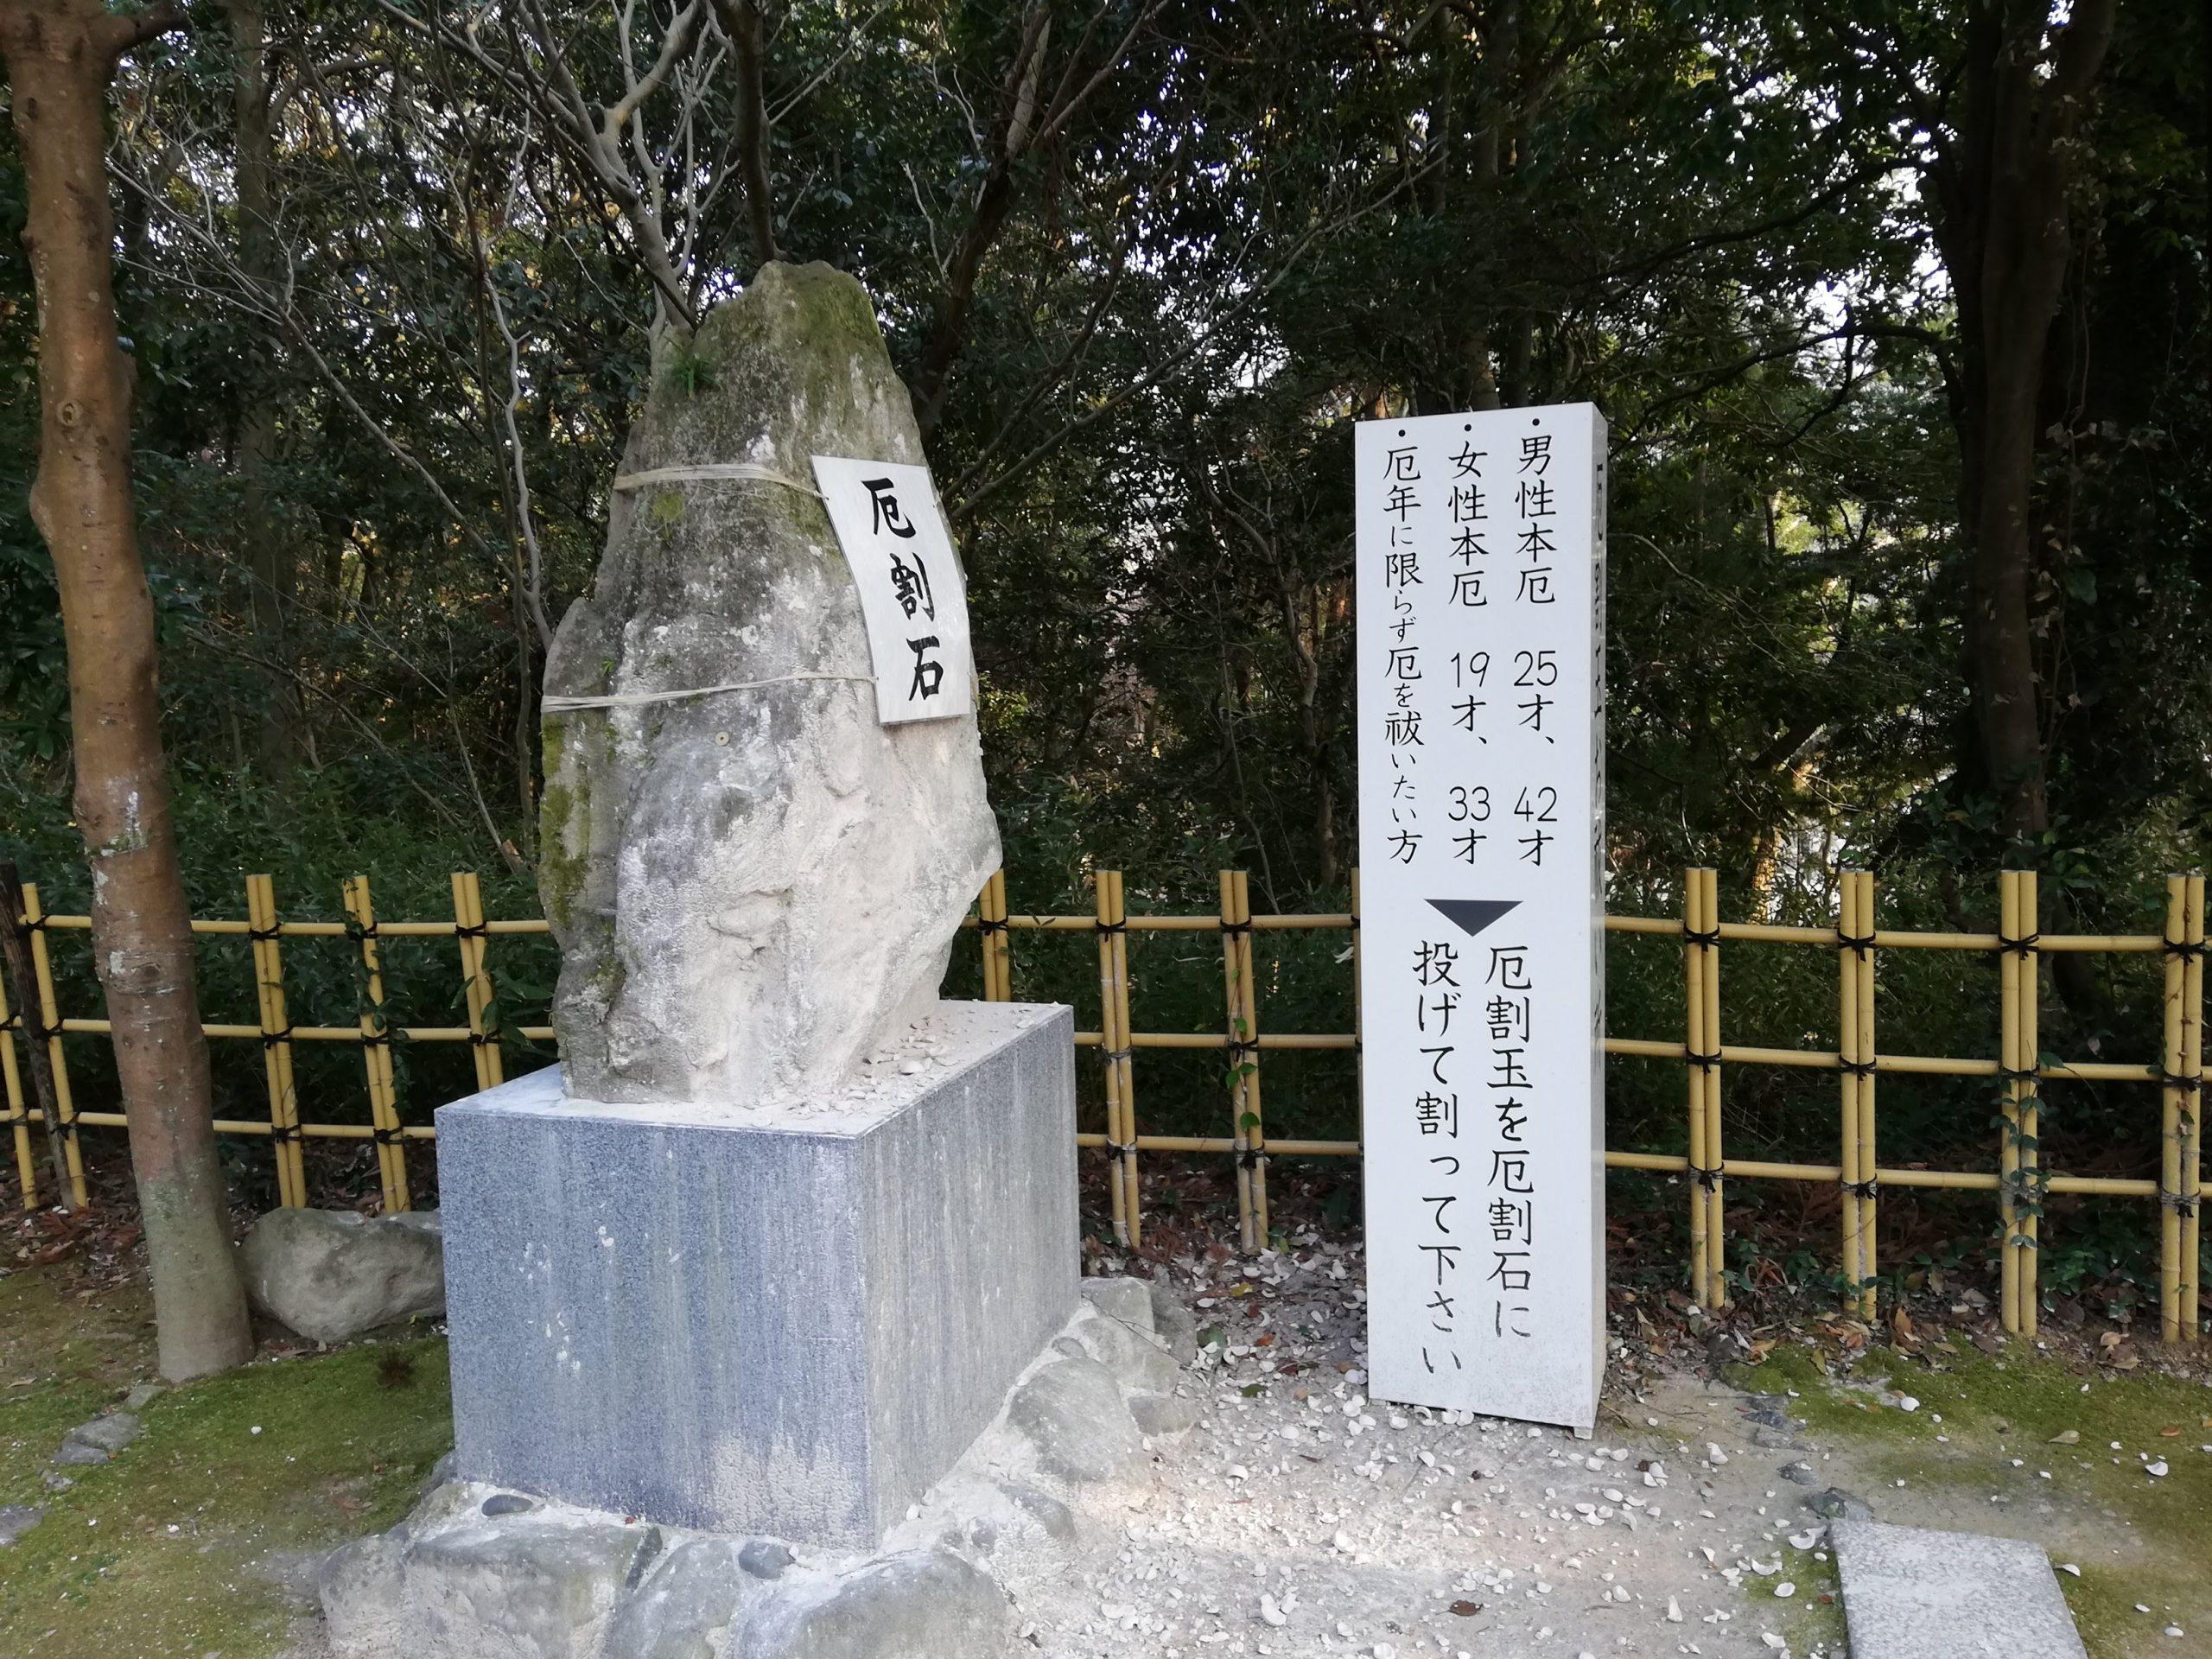 一の宮住吉神社の「厄割石」で厄や災いを祓おう。